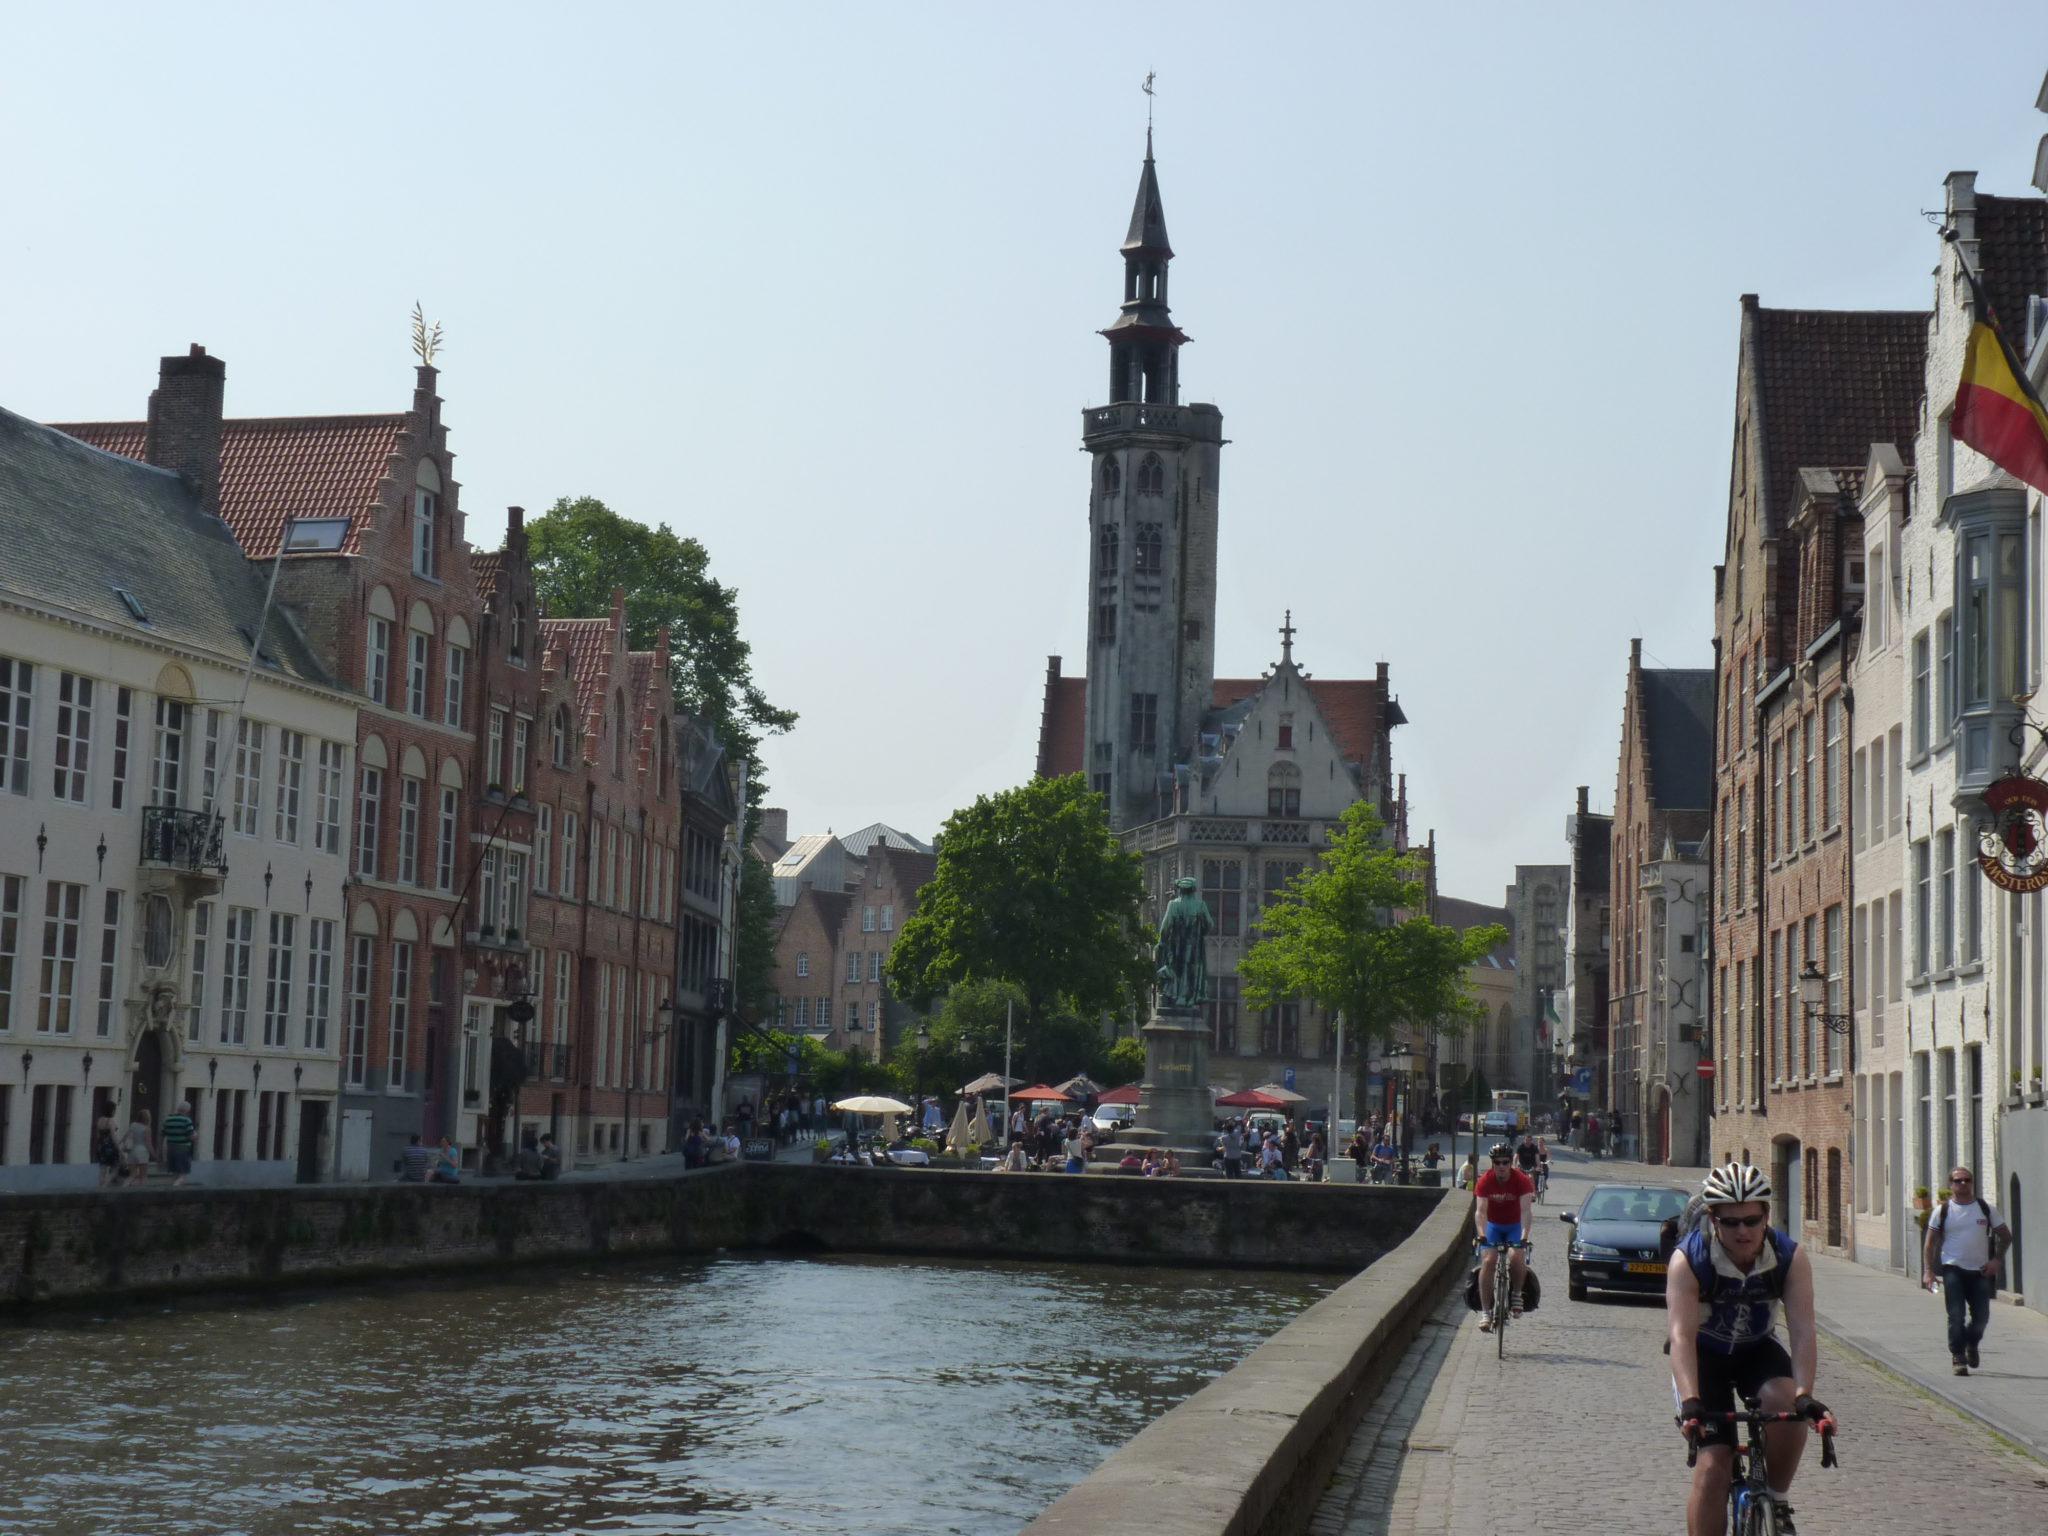 Brugge, anders bekeken.